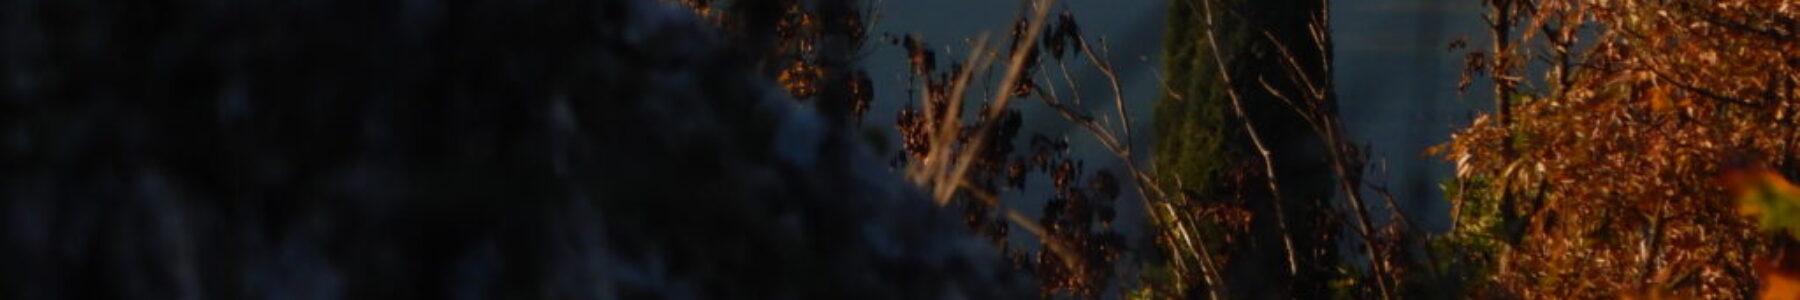 Per una selva oscura – Trekking con l'associazione Vitruvio